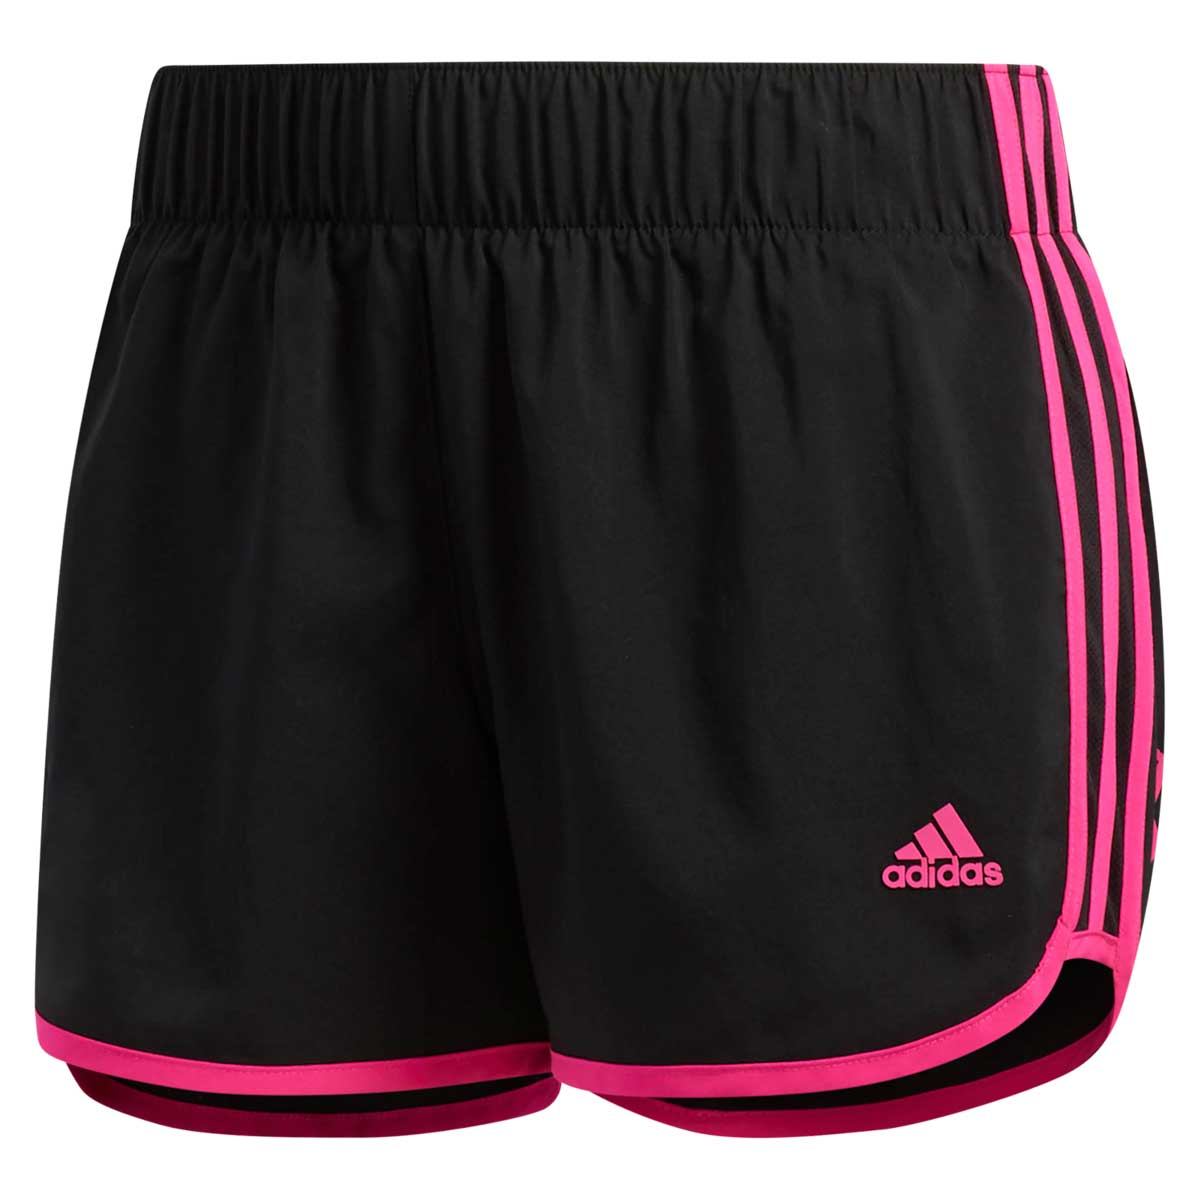 adidas M10 Shorts - Laufhosen für Damen - Schwarz